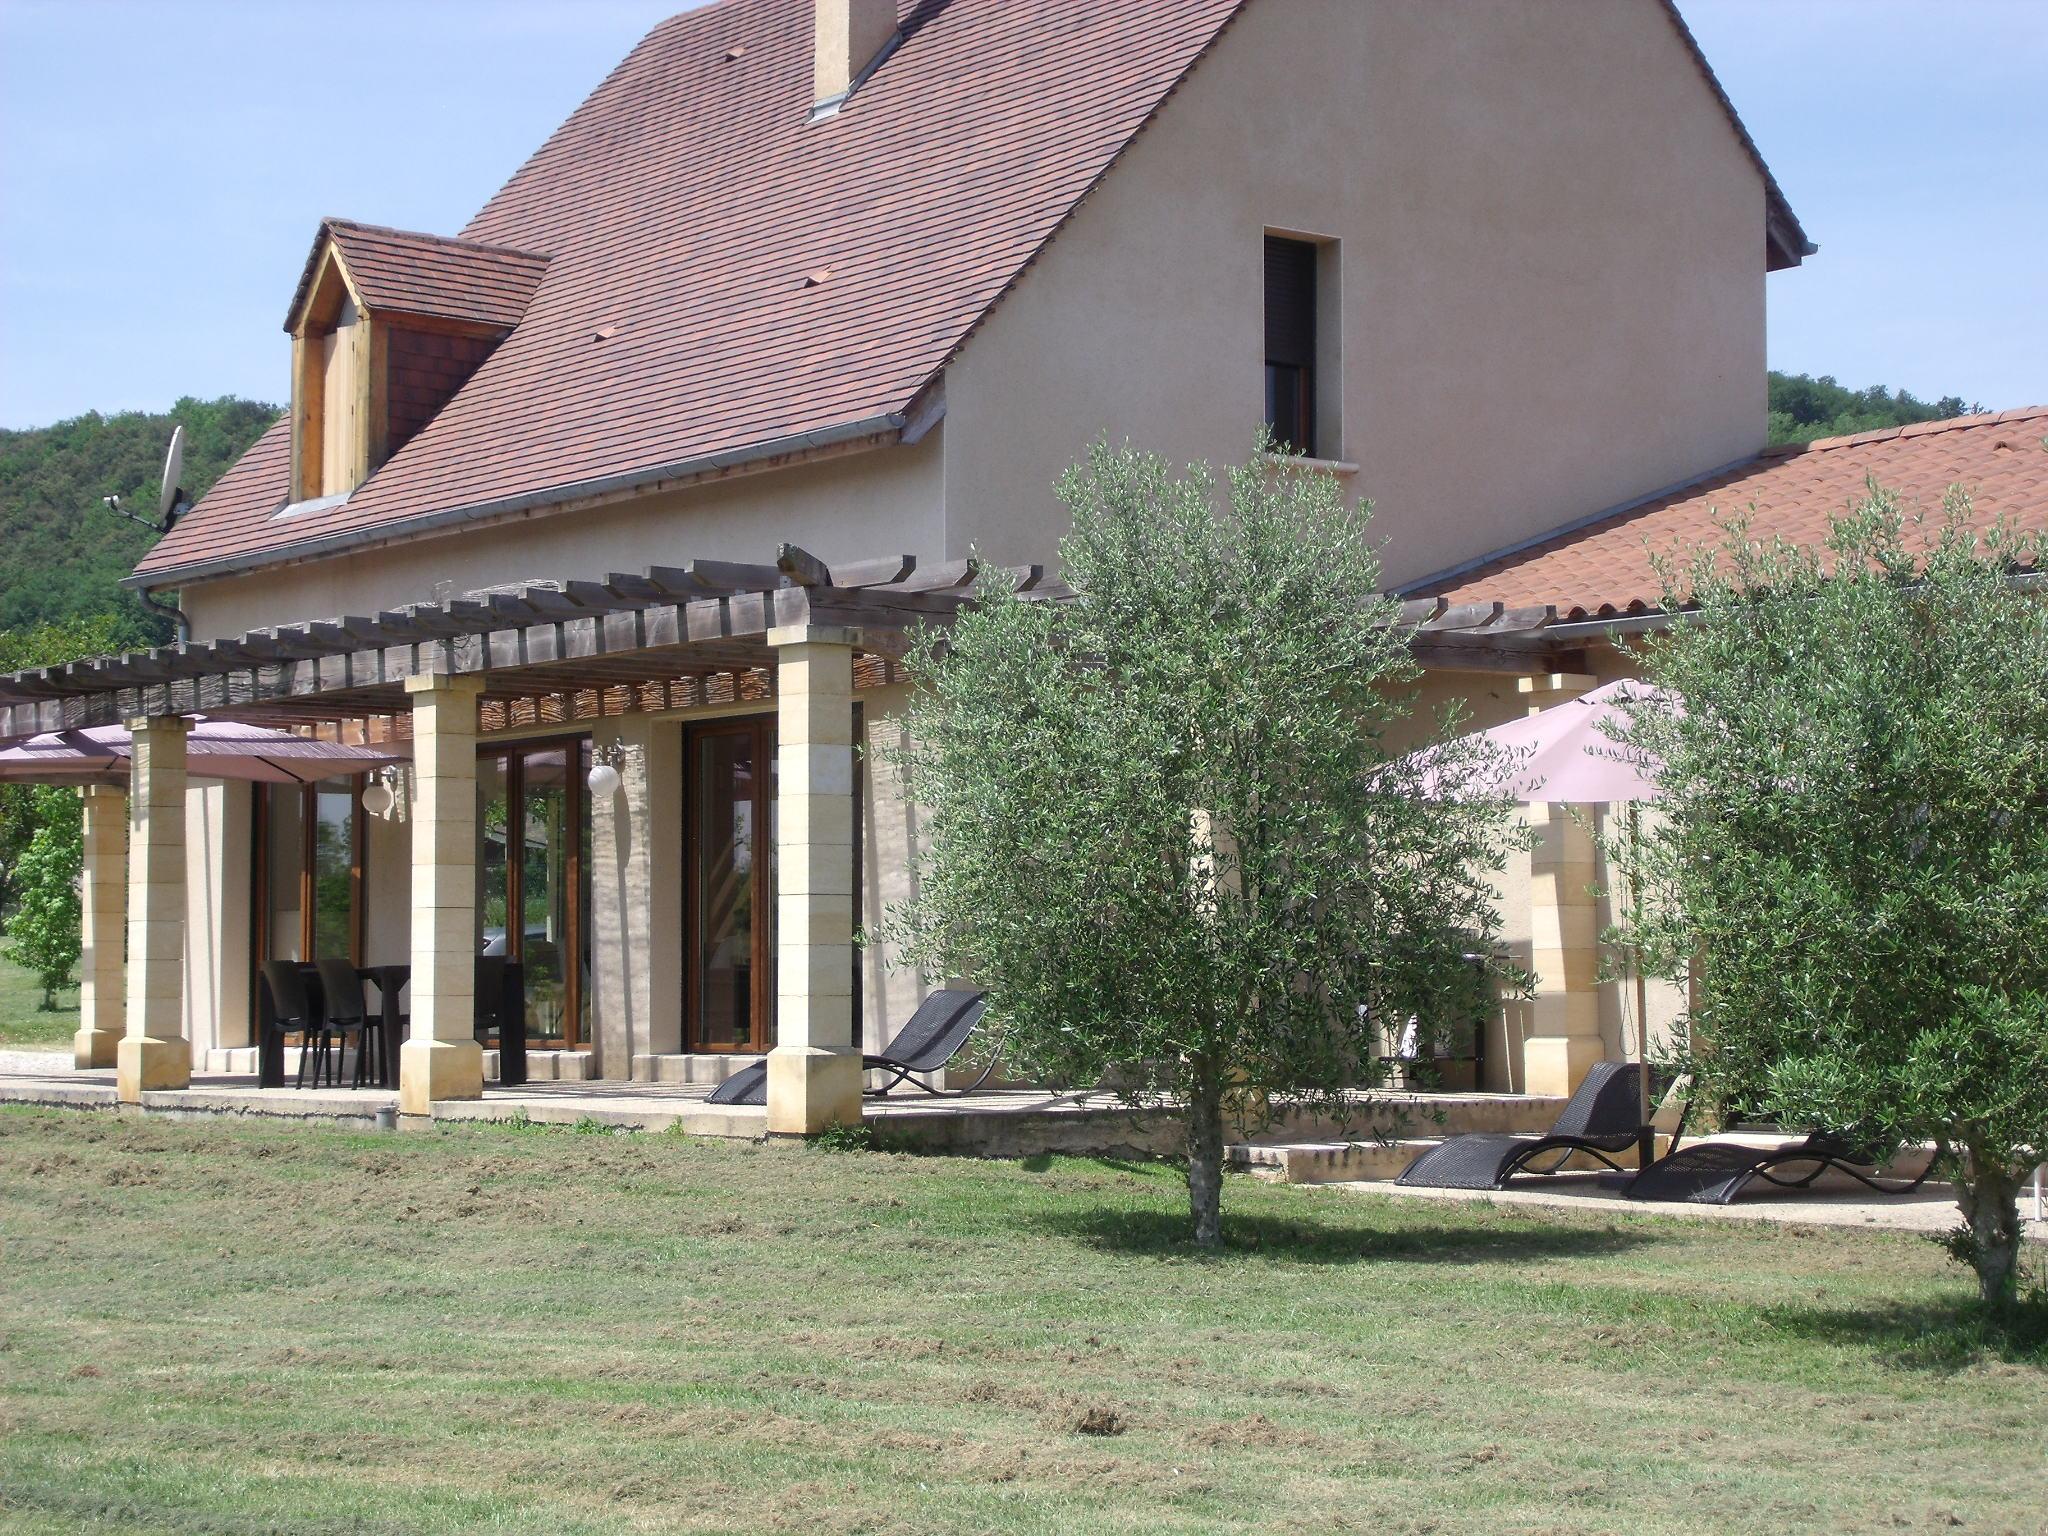 Maison Avec Piscine Interieure Couverte Chauffee Roque ... destiné Location Maison Avec Piscine France